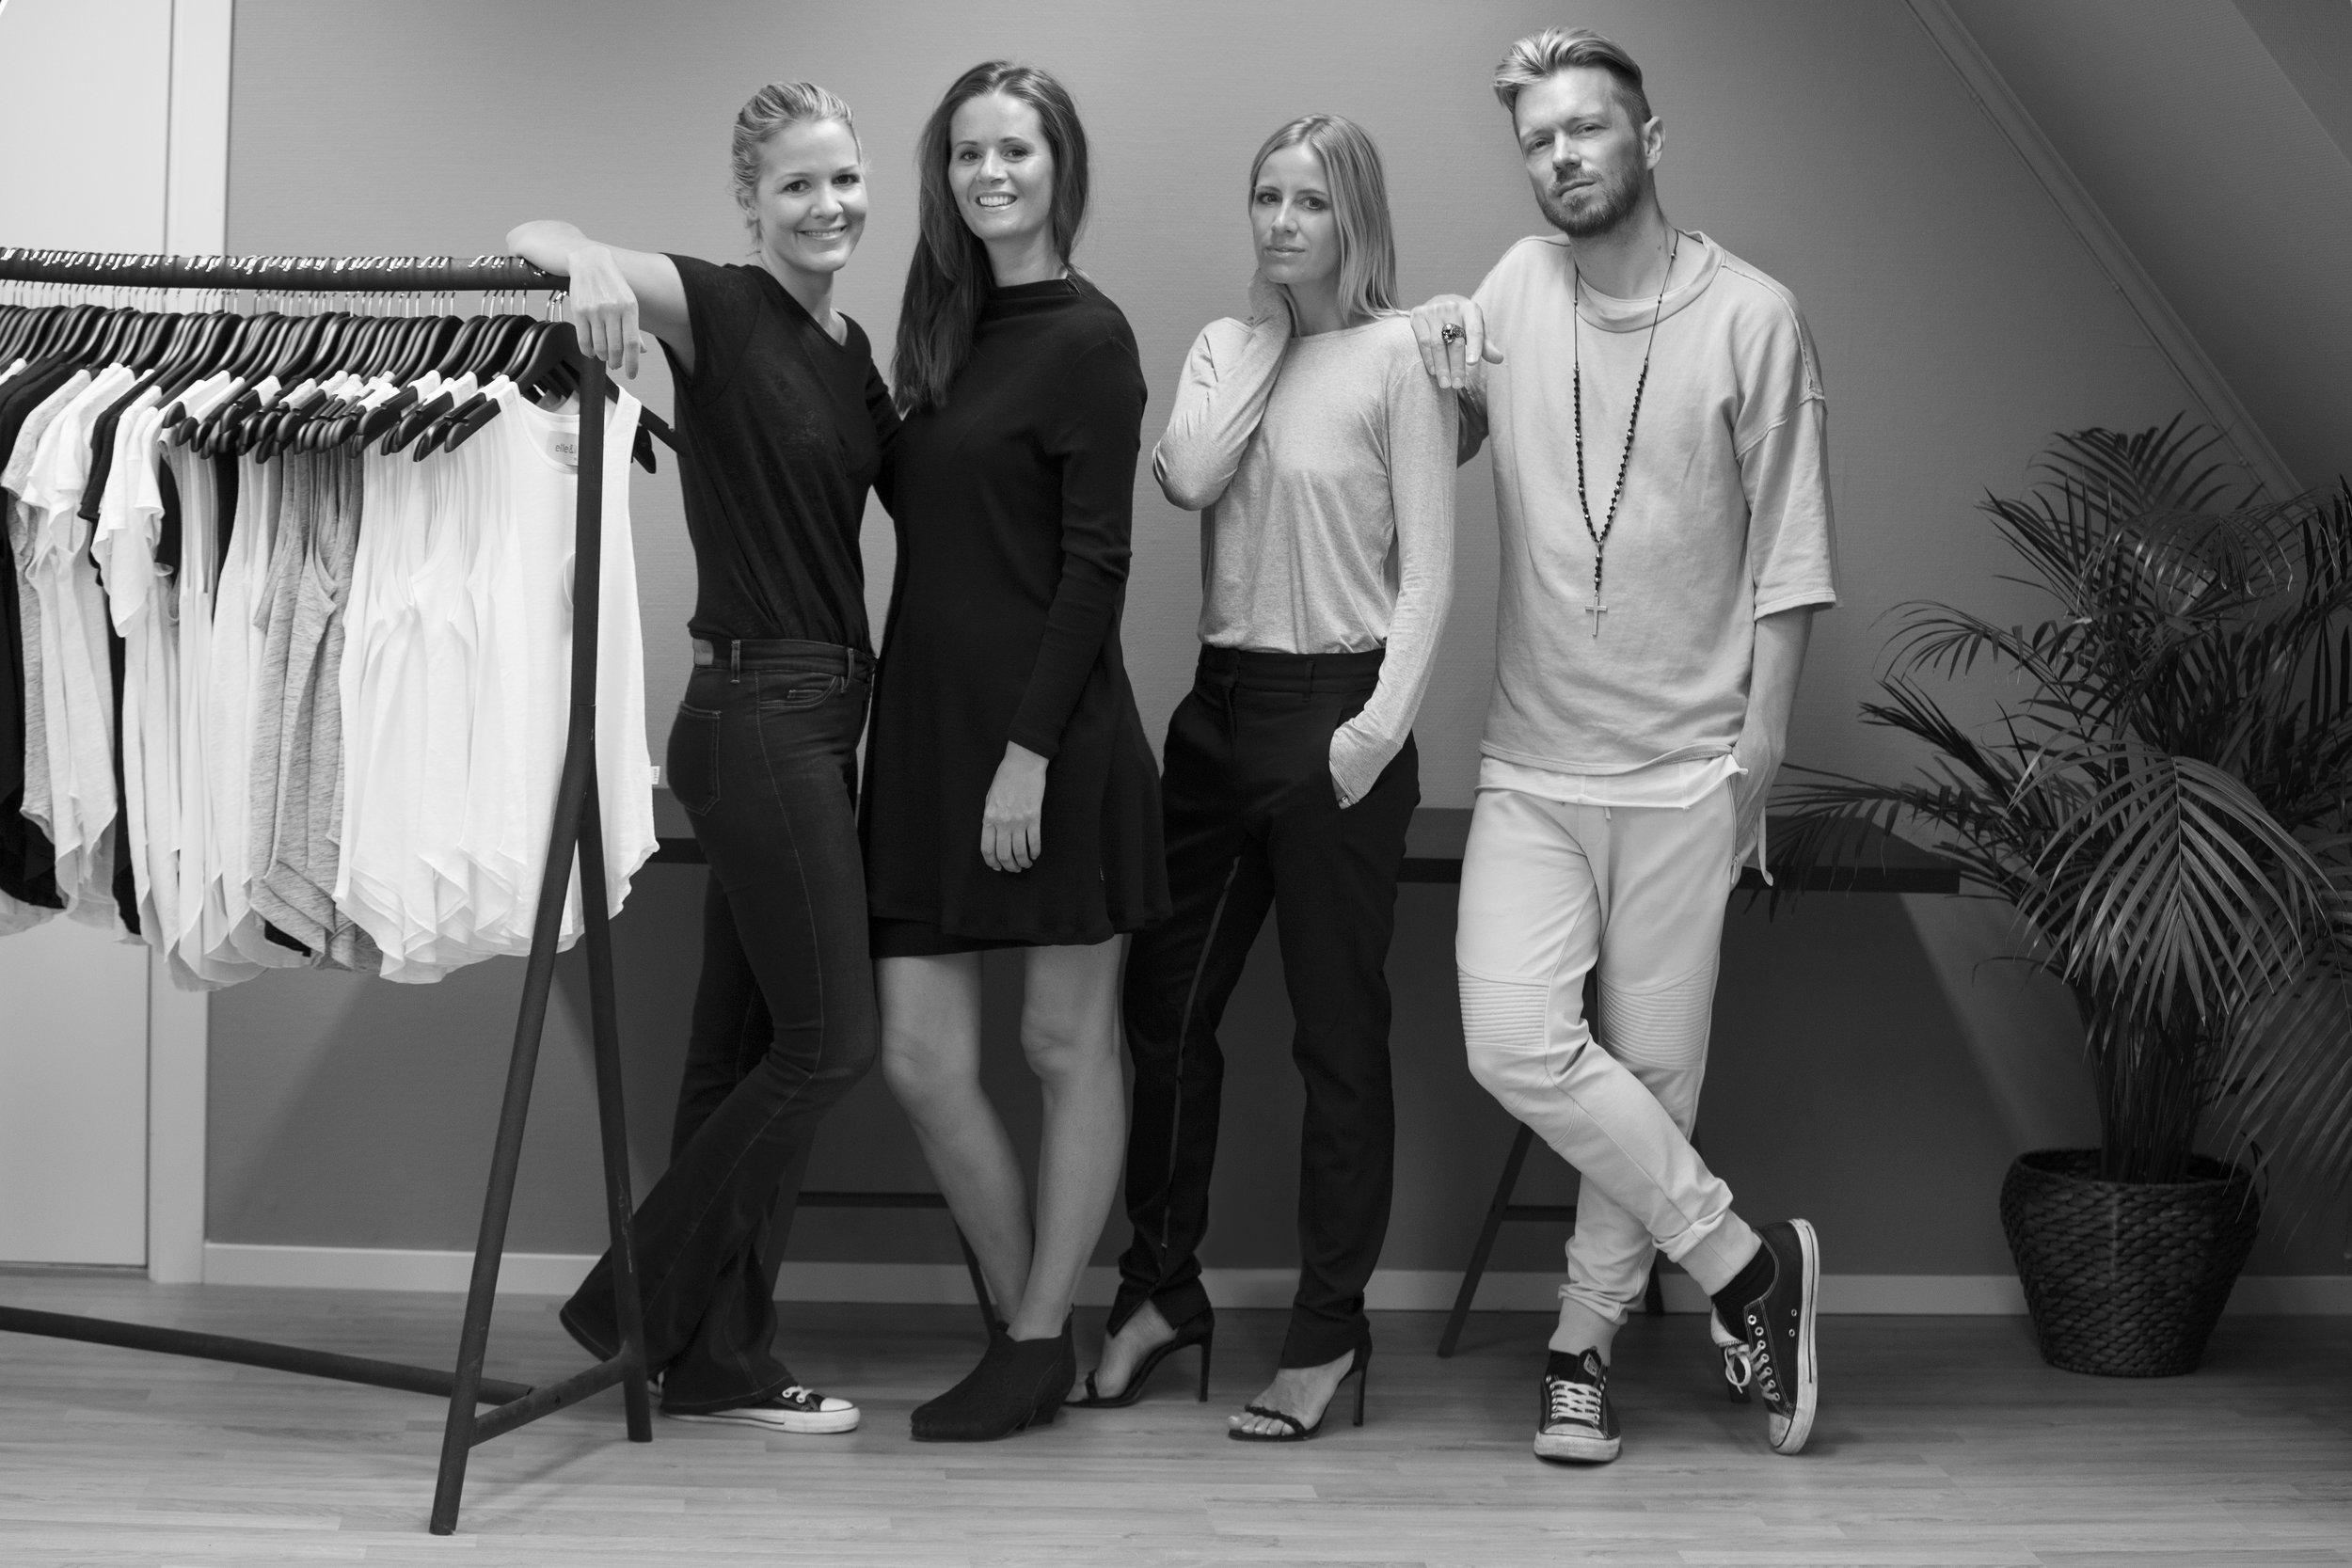 Pressefoto for samarbeidet mellom elle&il, Celine Aagaard og Raykay